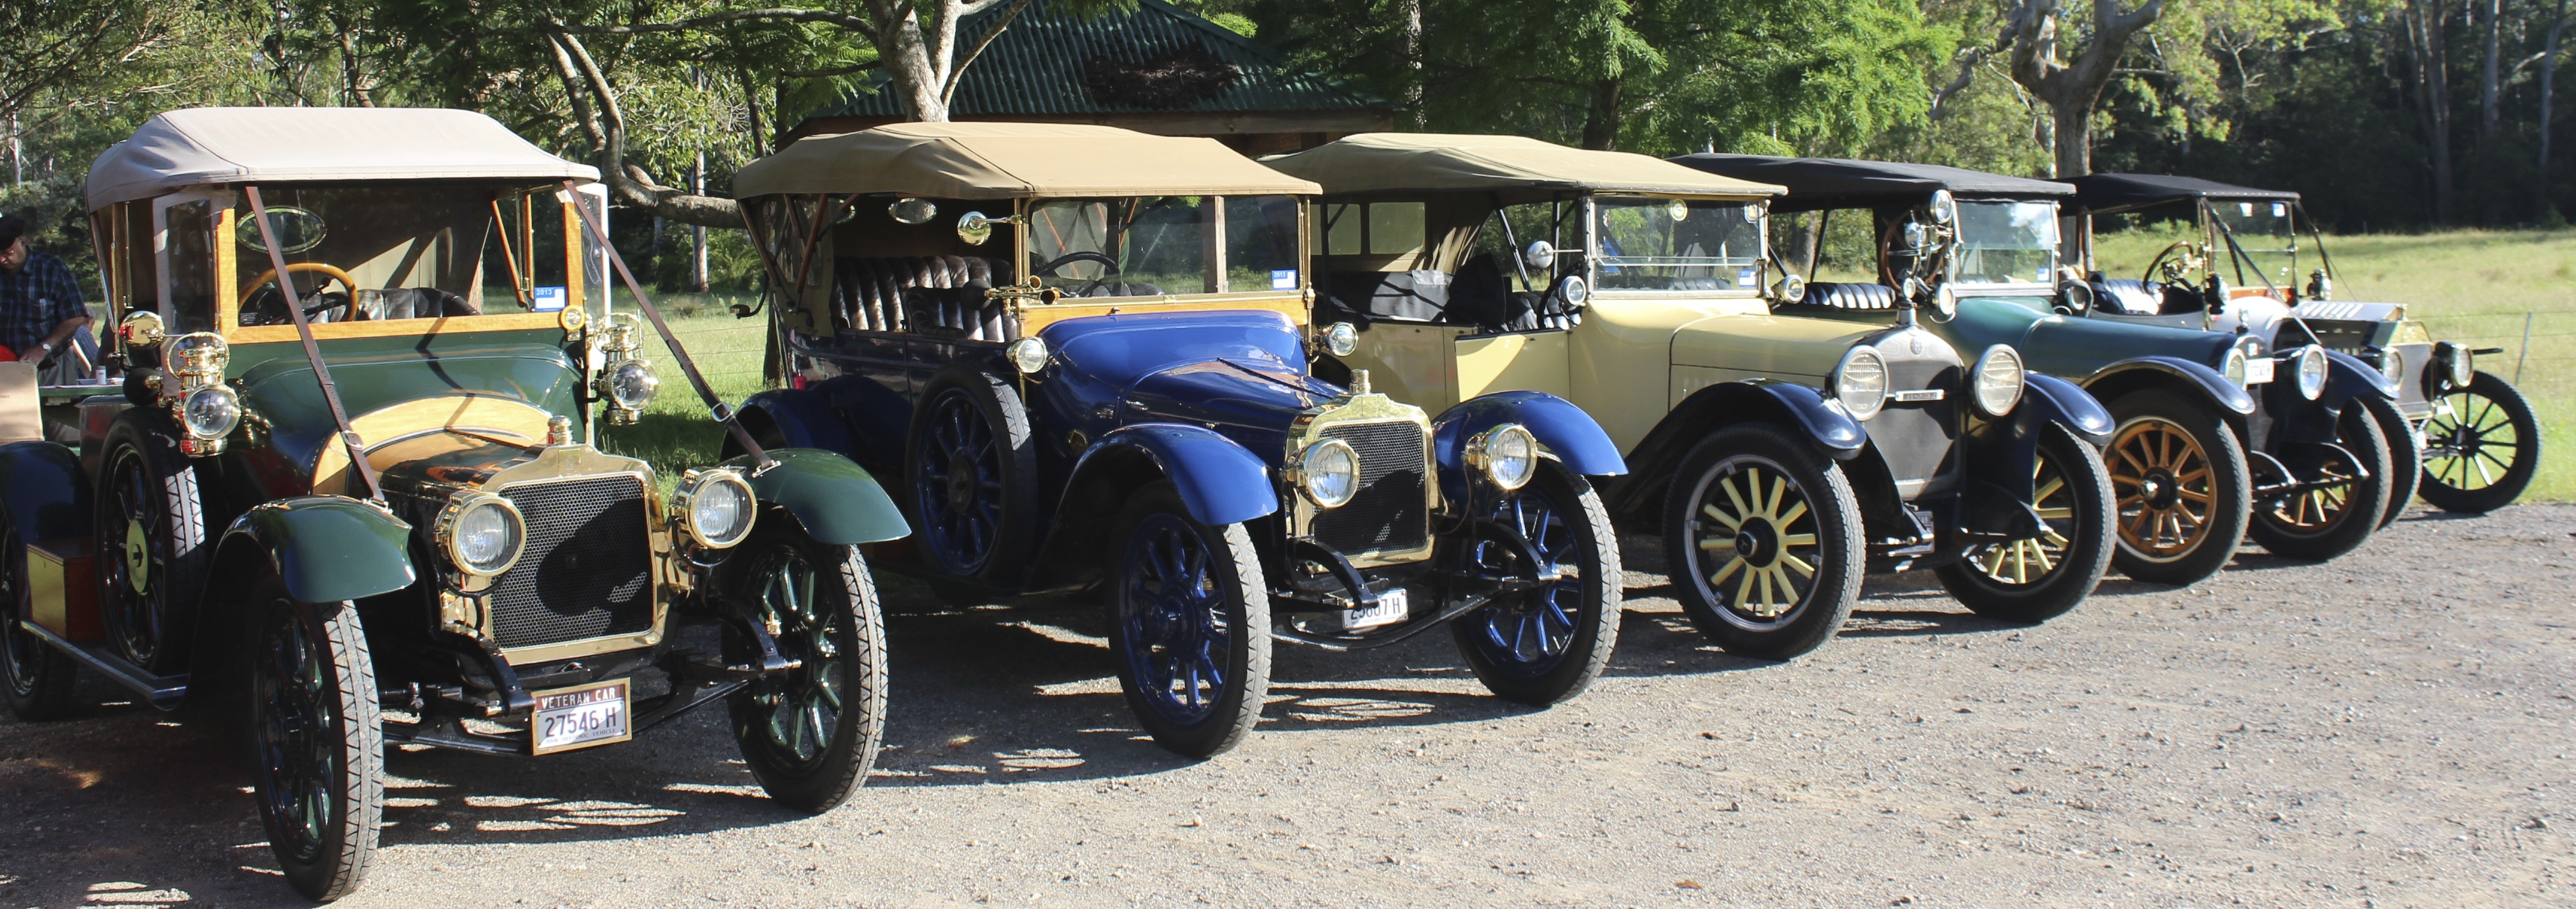 Talbot x 2, 1916 Hupmobile